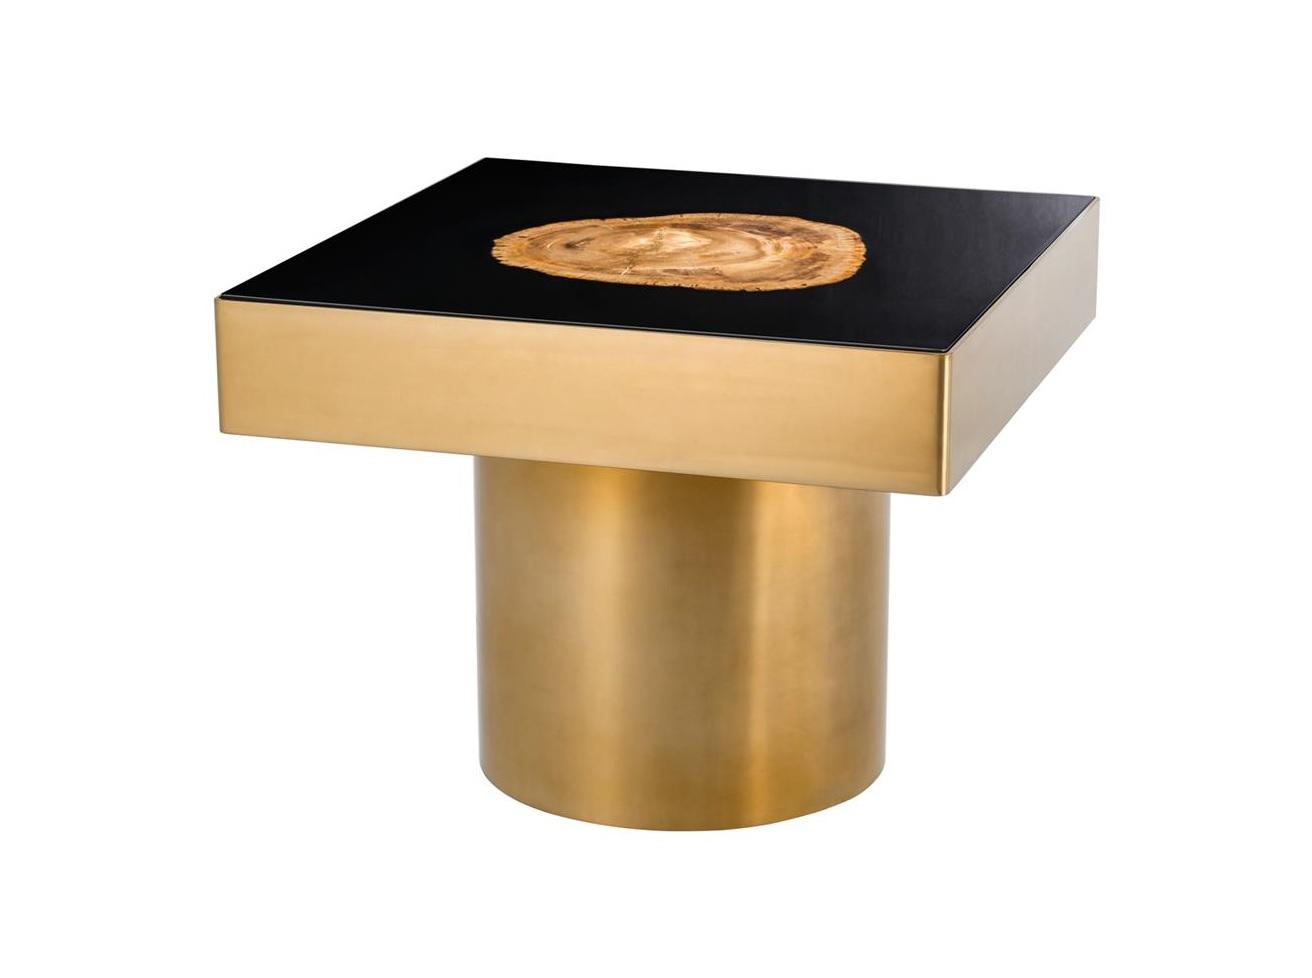 Столик VilliersЖурнальные столики<br>Столик на металлическом основании матового золотого цвета. Оригинальная столешница из окаменелой породы древесины. Каждый элемент окаменевшего дерева является уникальным, вы не найдете двух одинаковых столешниц по цвету или форме. Поверхность стола черная глянцевая.<br><br>Material: Дерево<br>Ширина см: 65.0<br>Высота см: 55.0<br>Глубина см: 65.0